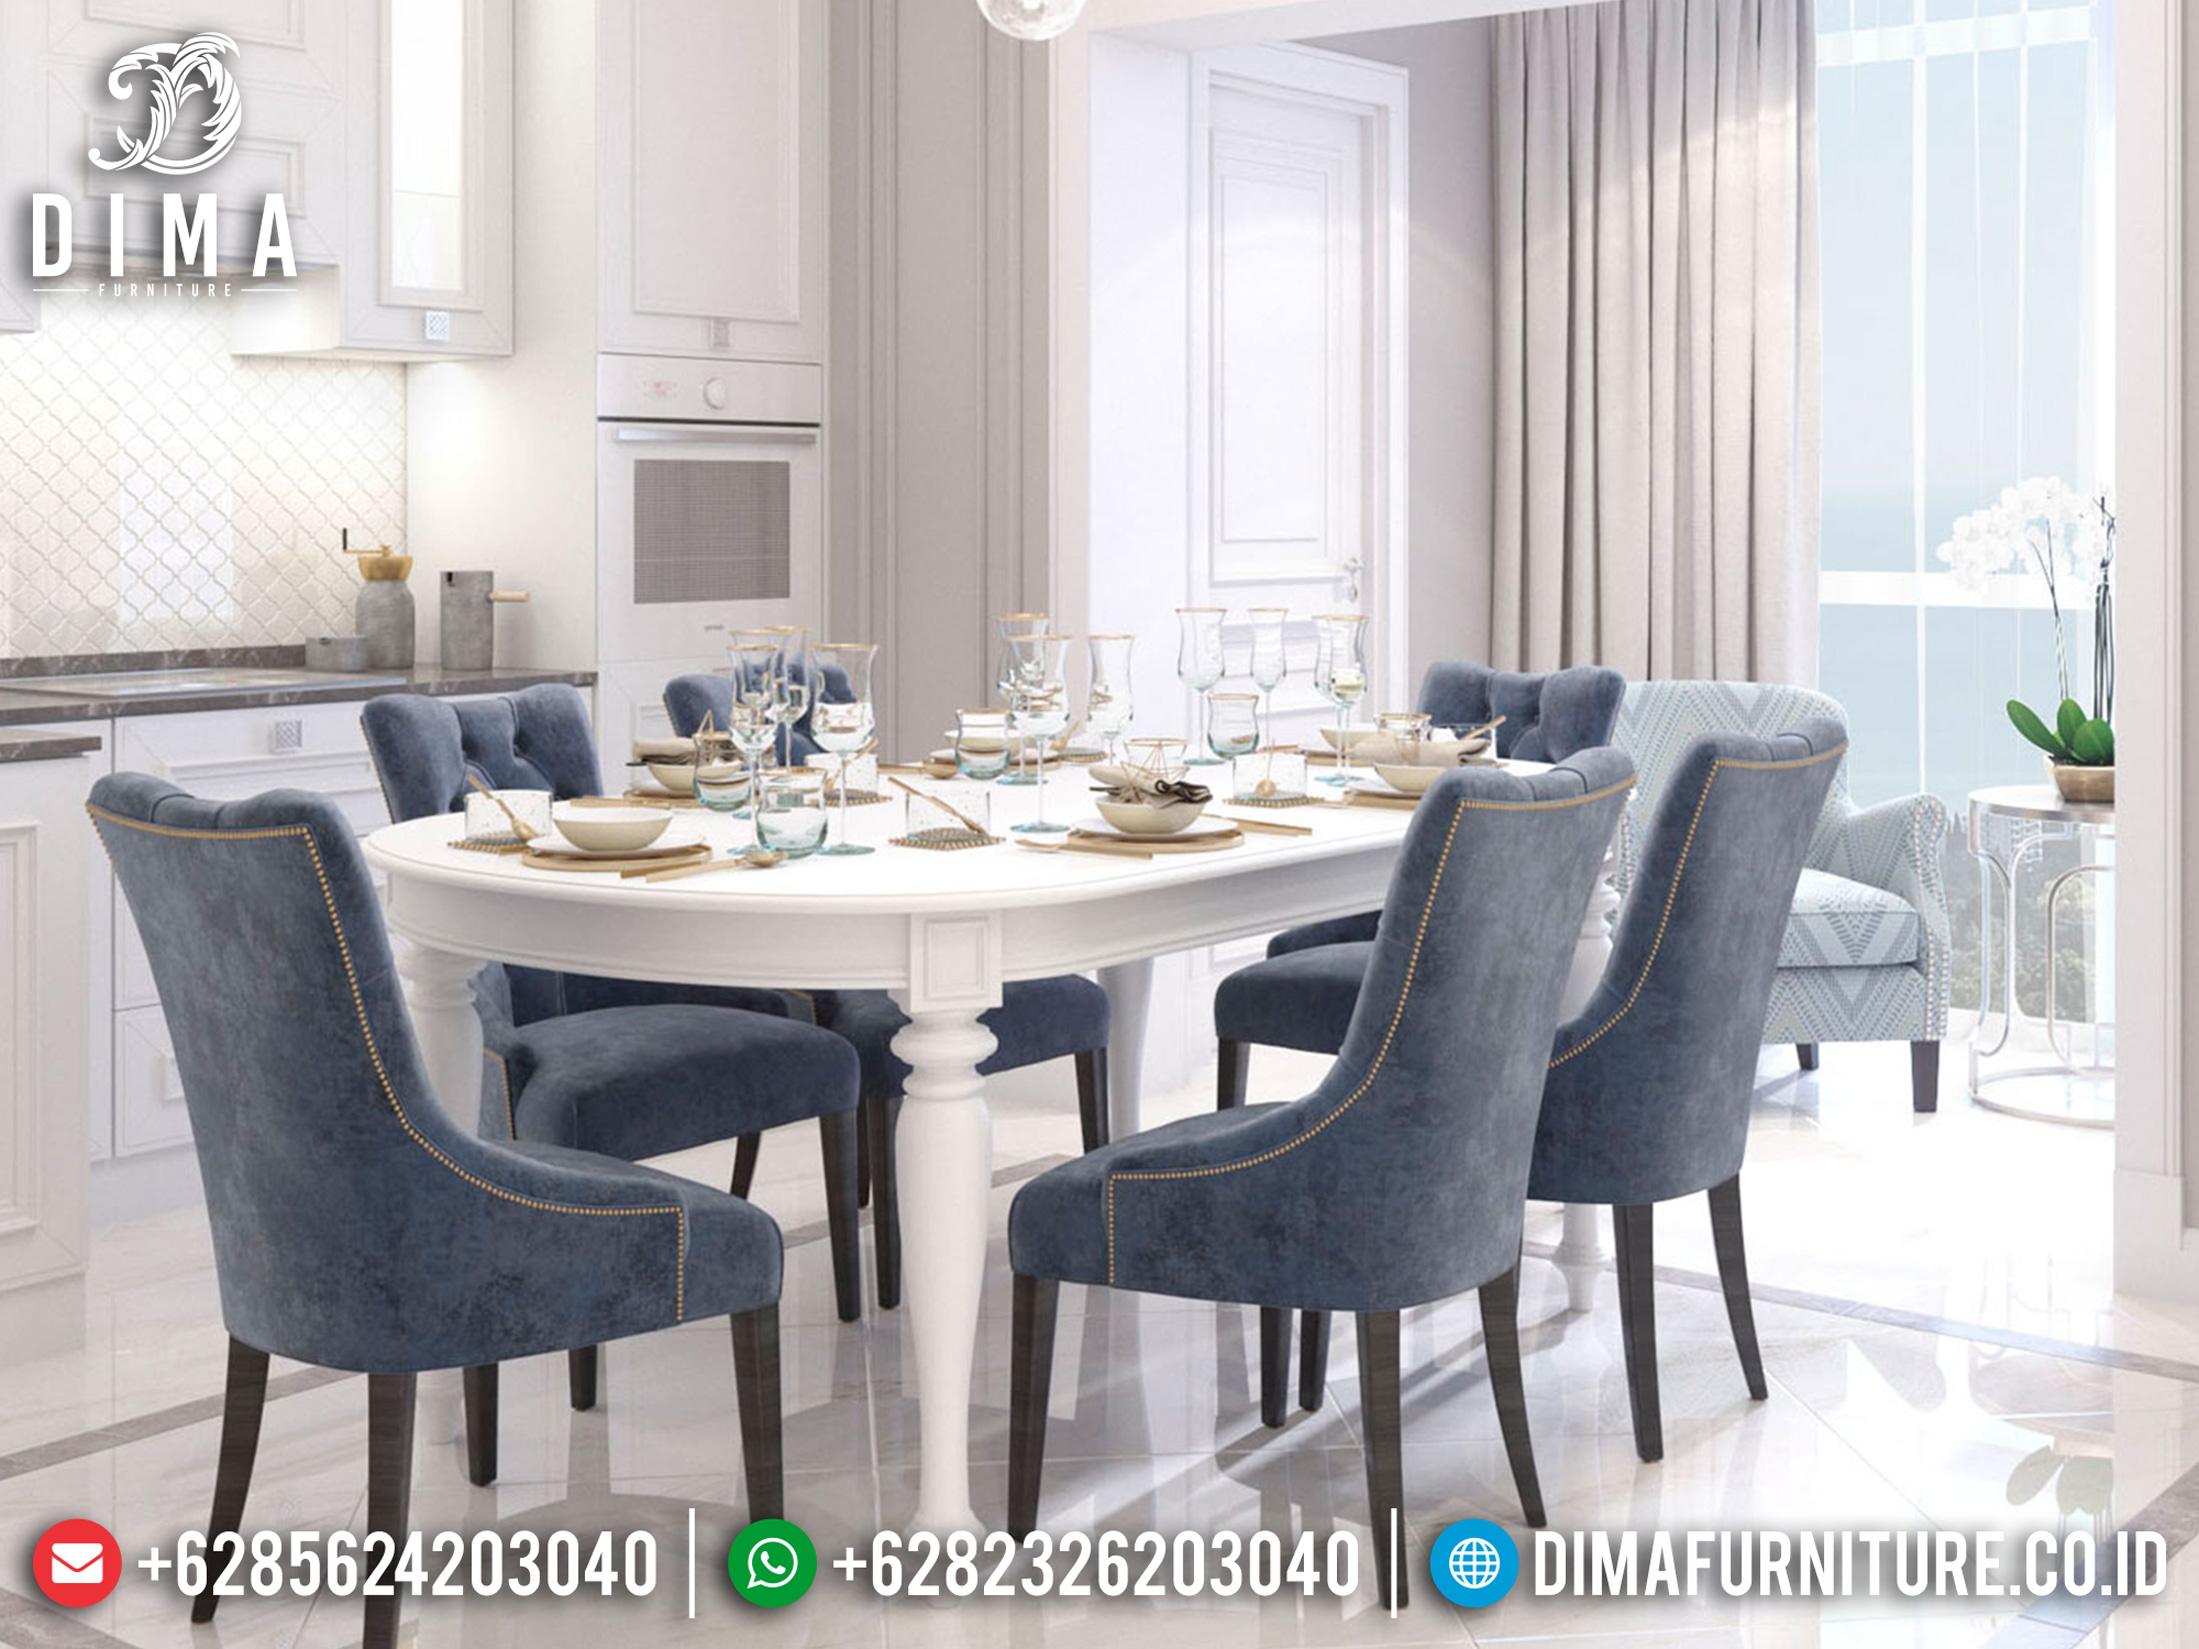 Best Seller Meja Makan Minimalis Modern Soft Beludru Fabric Luxury Mebel Jepara ST-0956